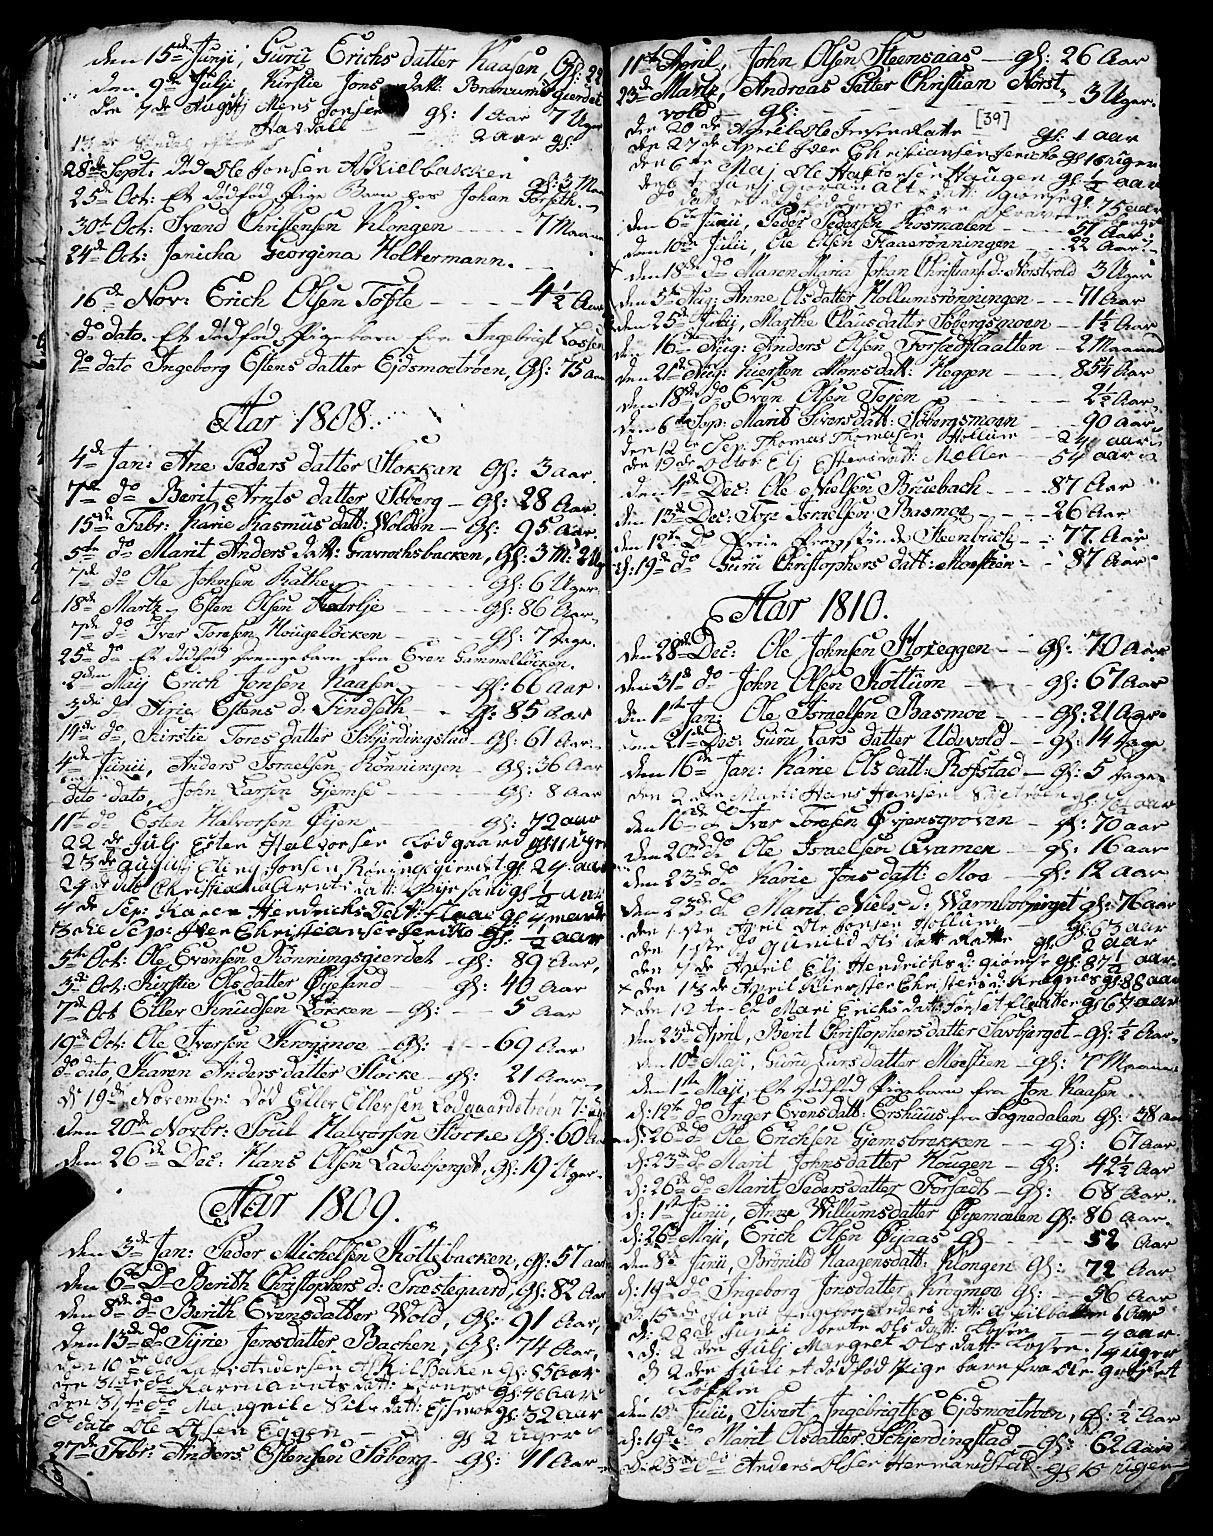 SAT, Ministerialprotokoller, klokkerbøker og fødselsregistre - Sør-Trøndelag, 691/L1091: Klokkerbok nr. 691C02, 1802-1815, s. 39